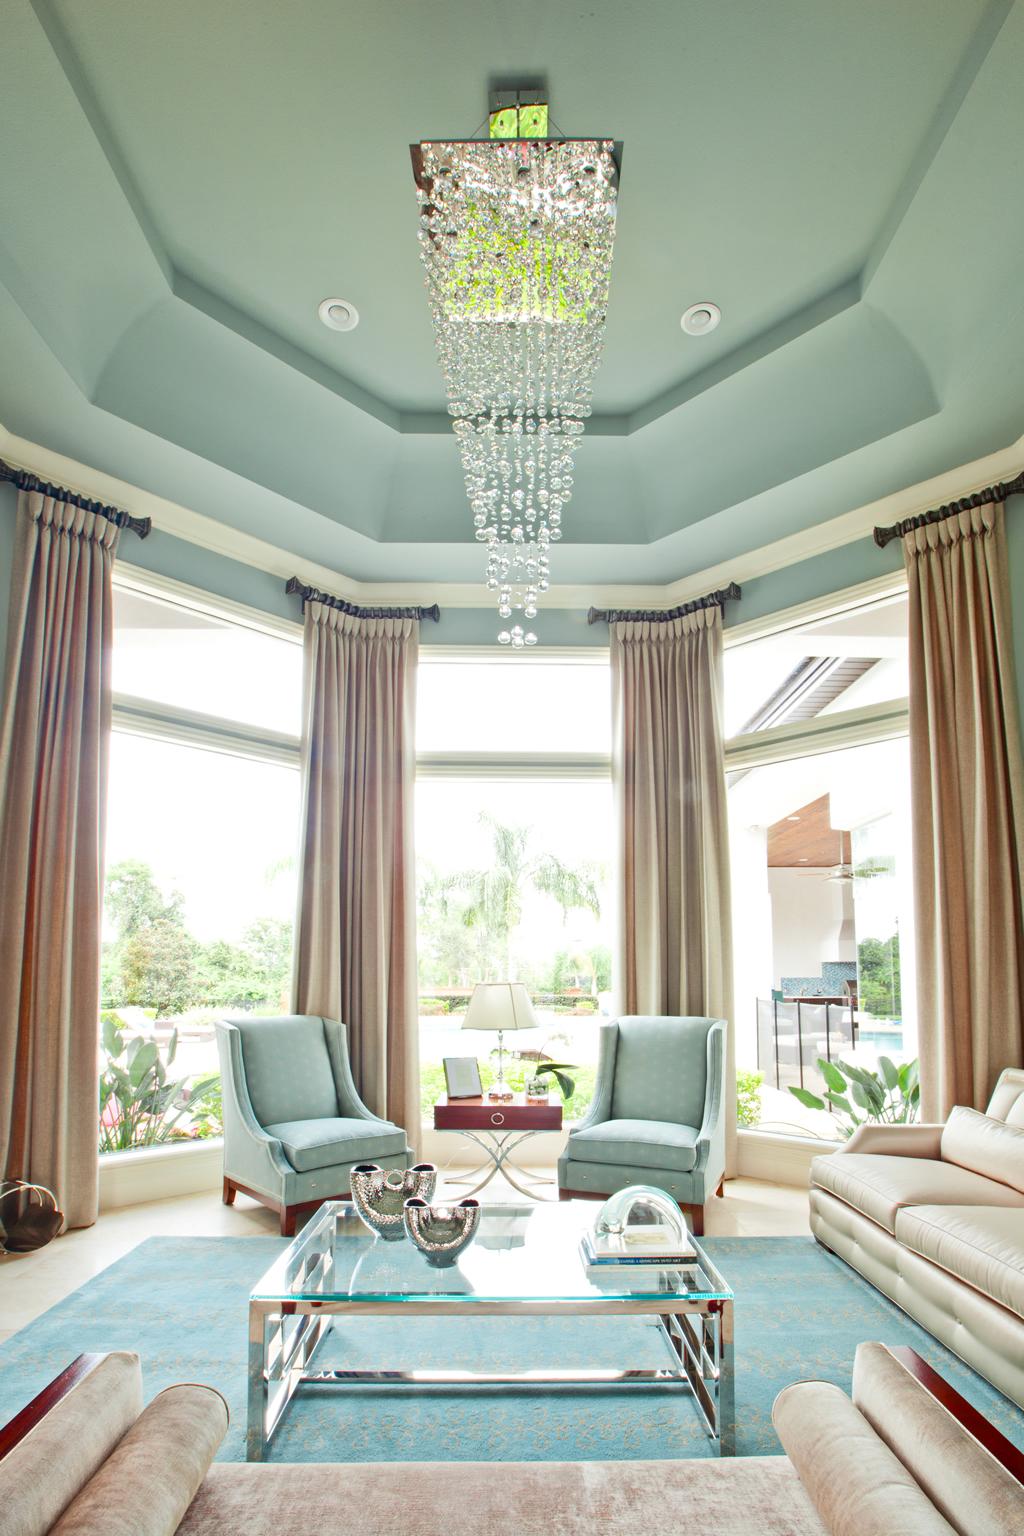 Chandelier hanging above furnished living room